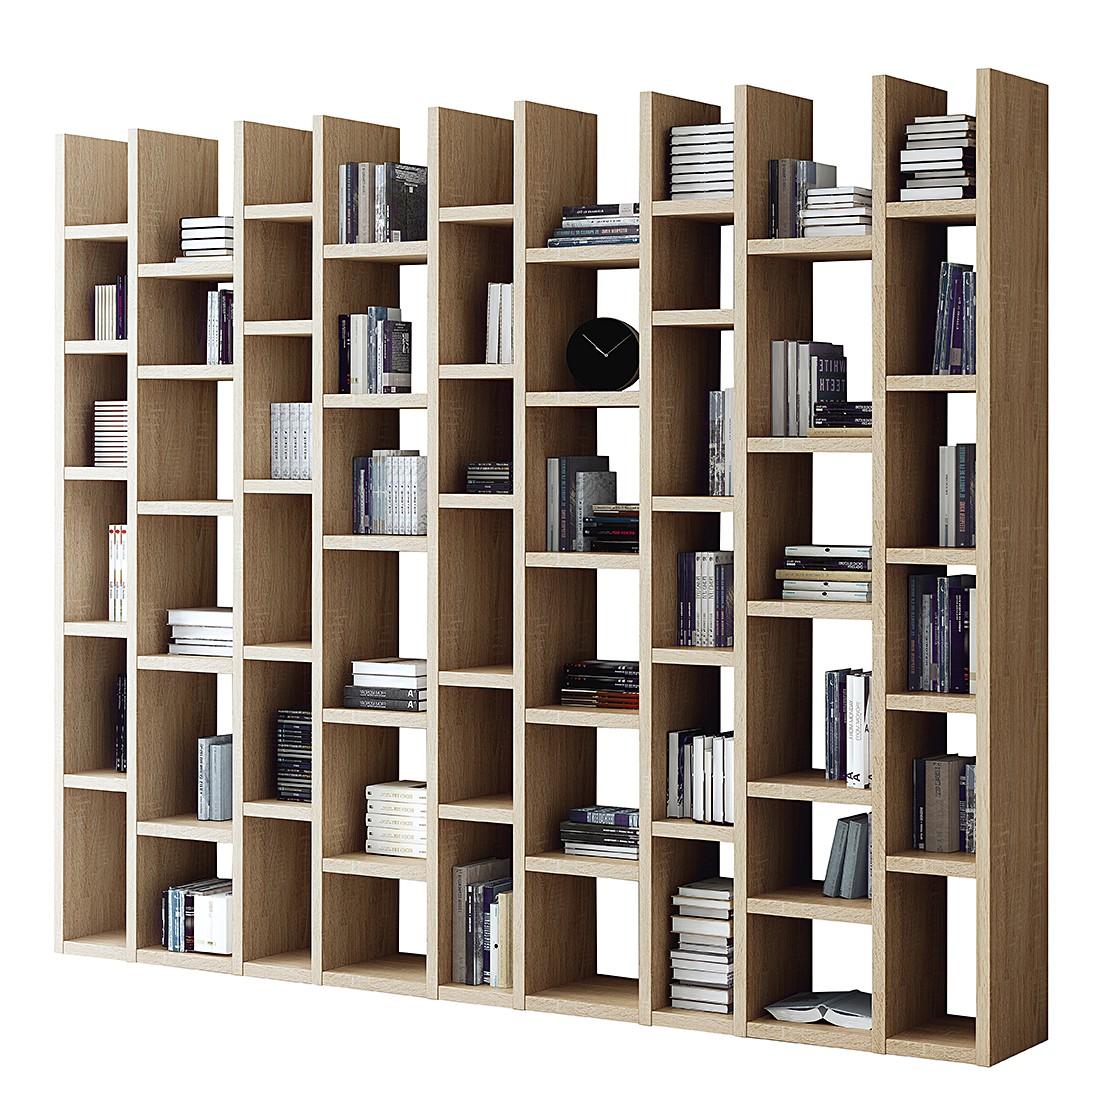 Bibliothèque Emporior III - Imitation chêne de Sonoma, Fredriks